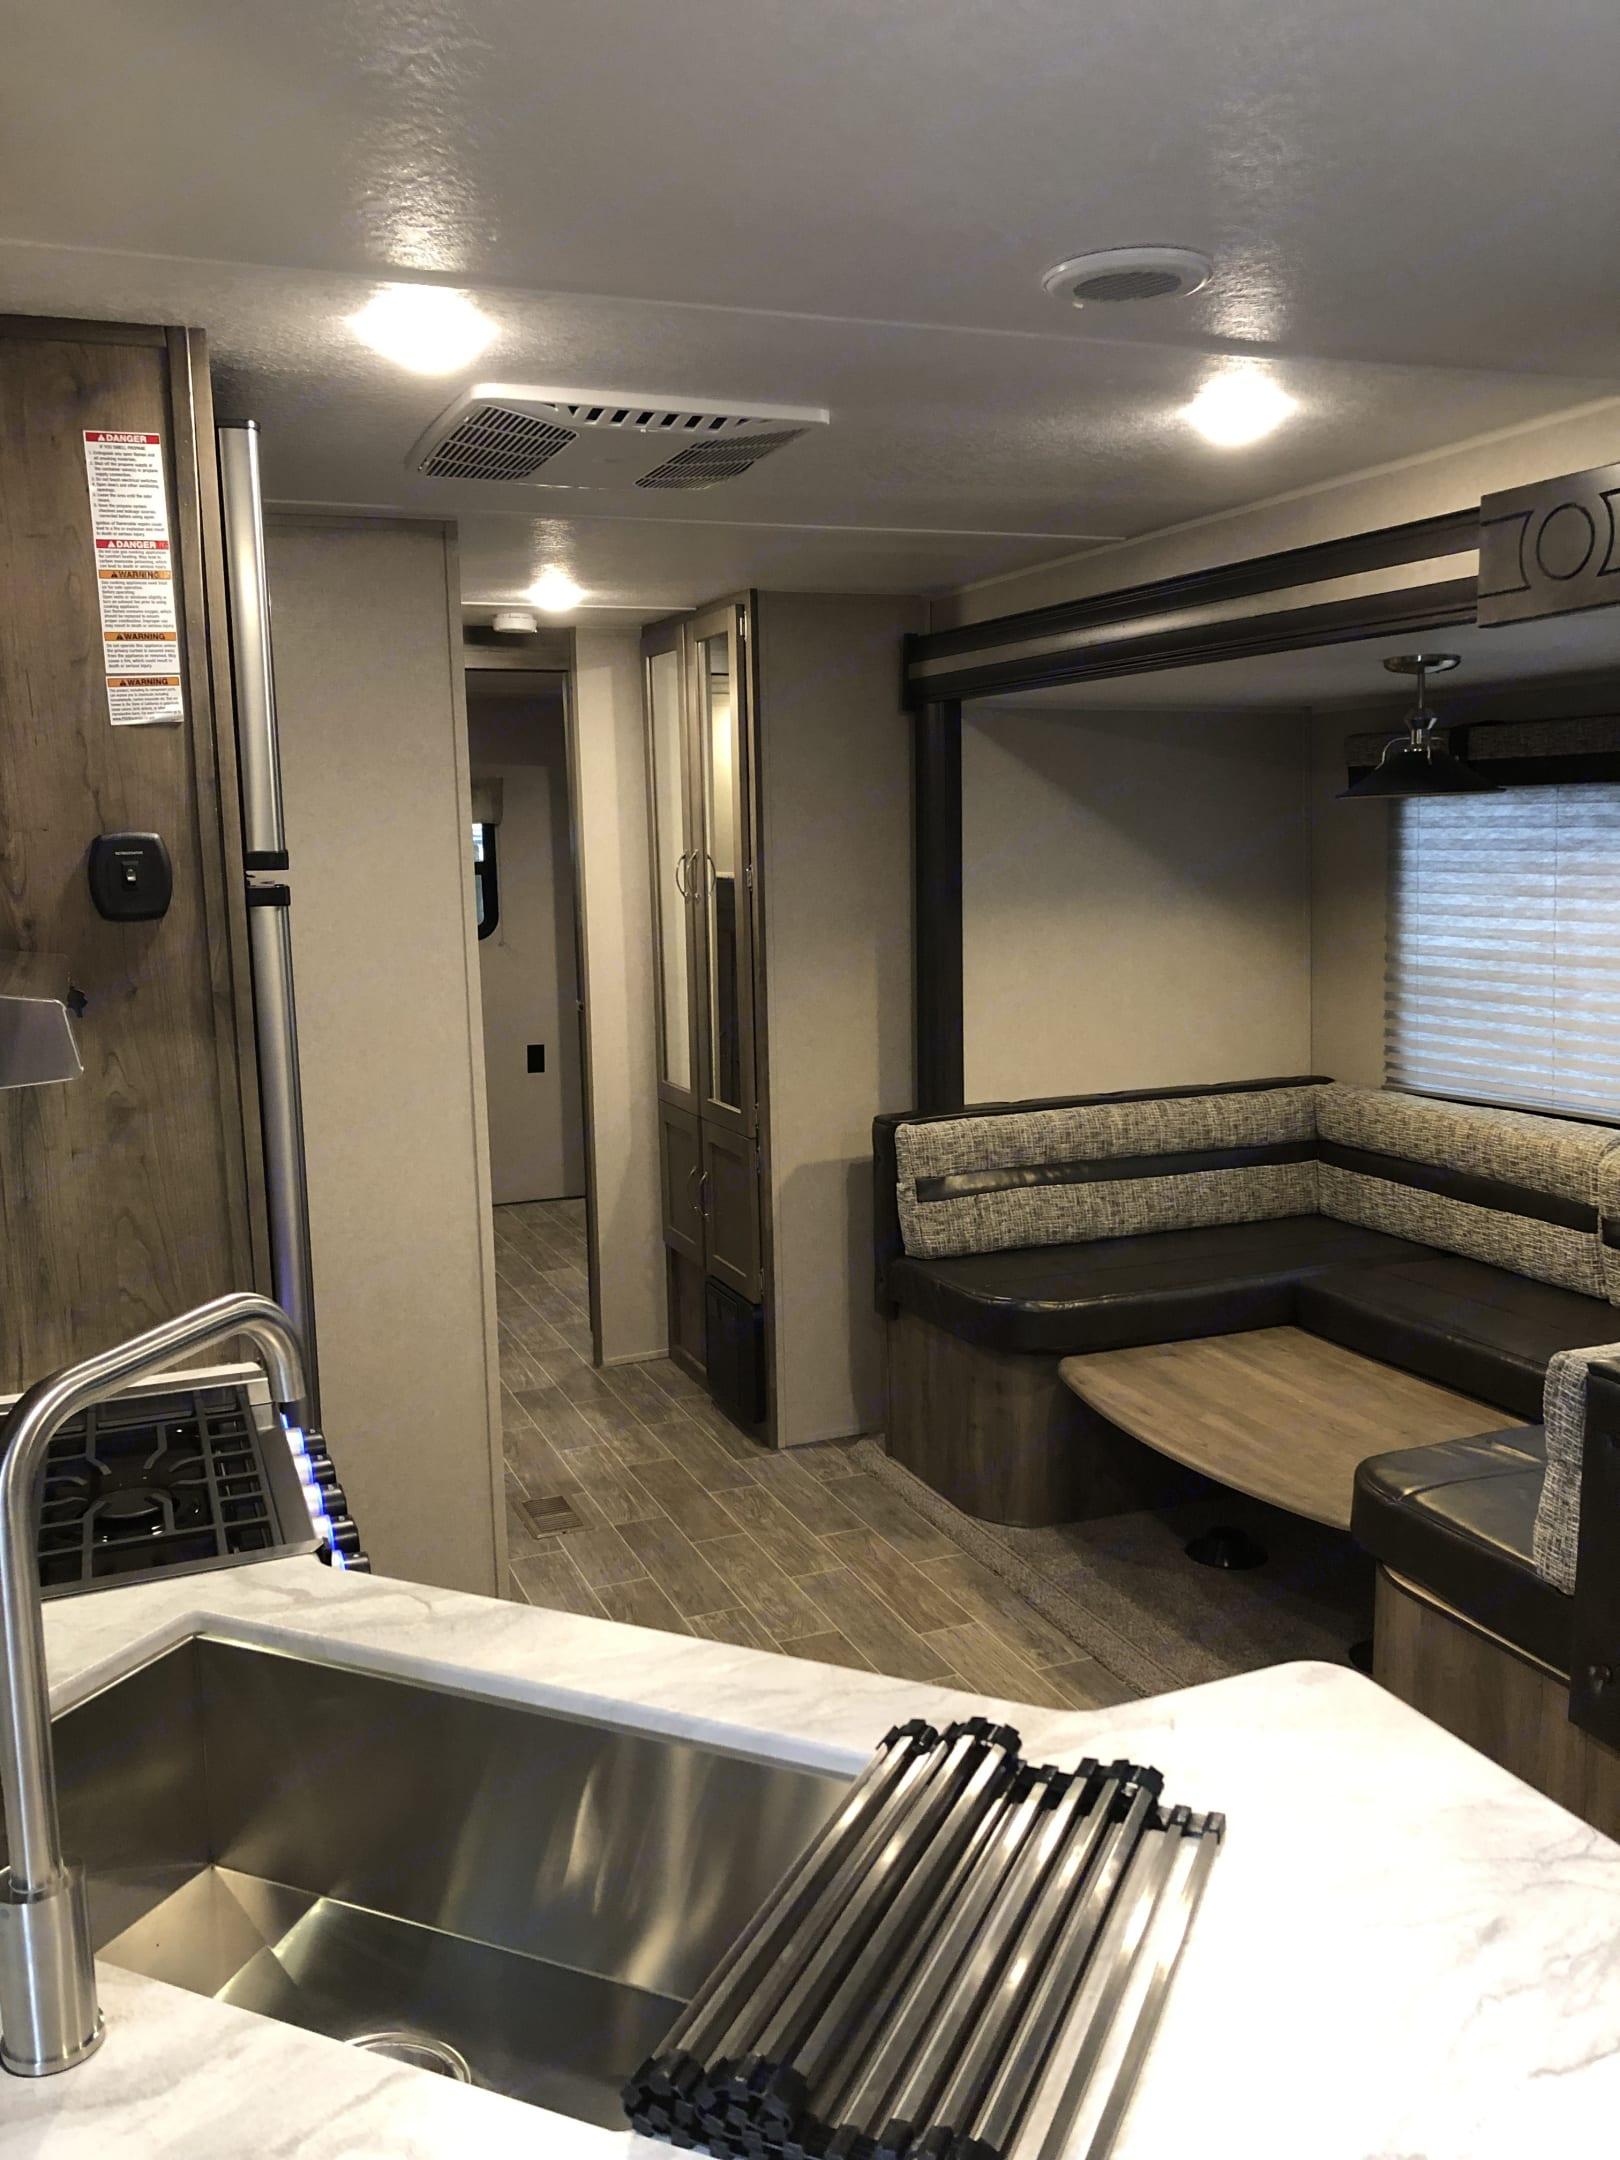 Dining room/ linen closet area . Palomino Puma 2019